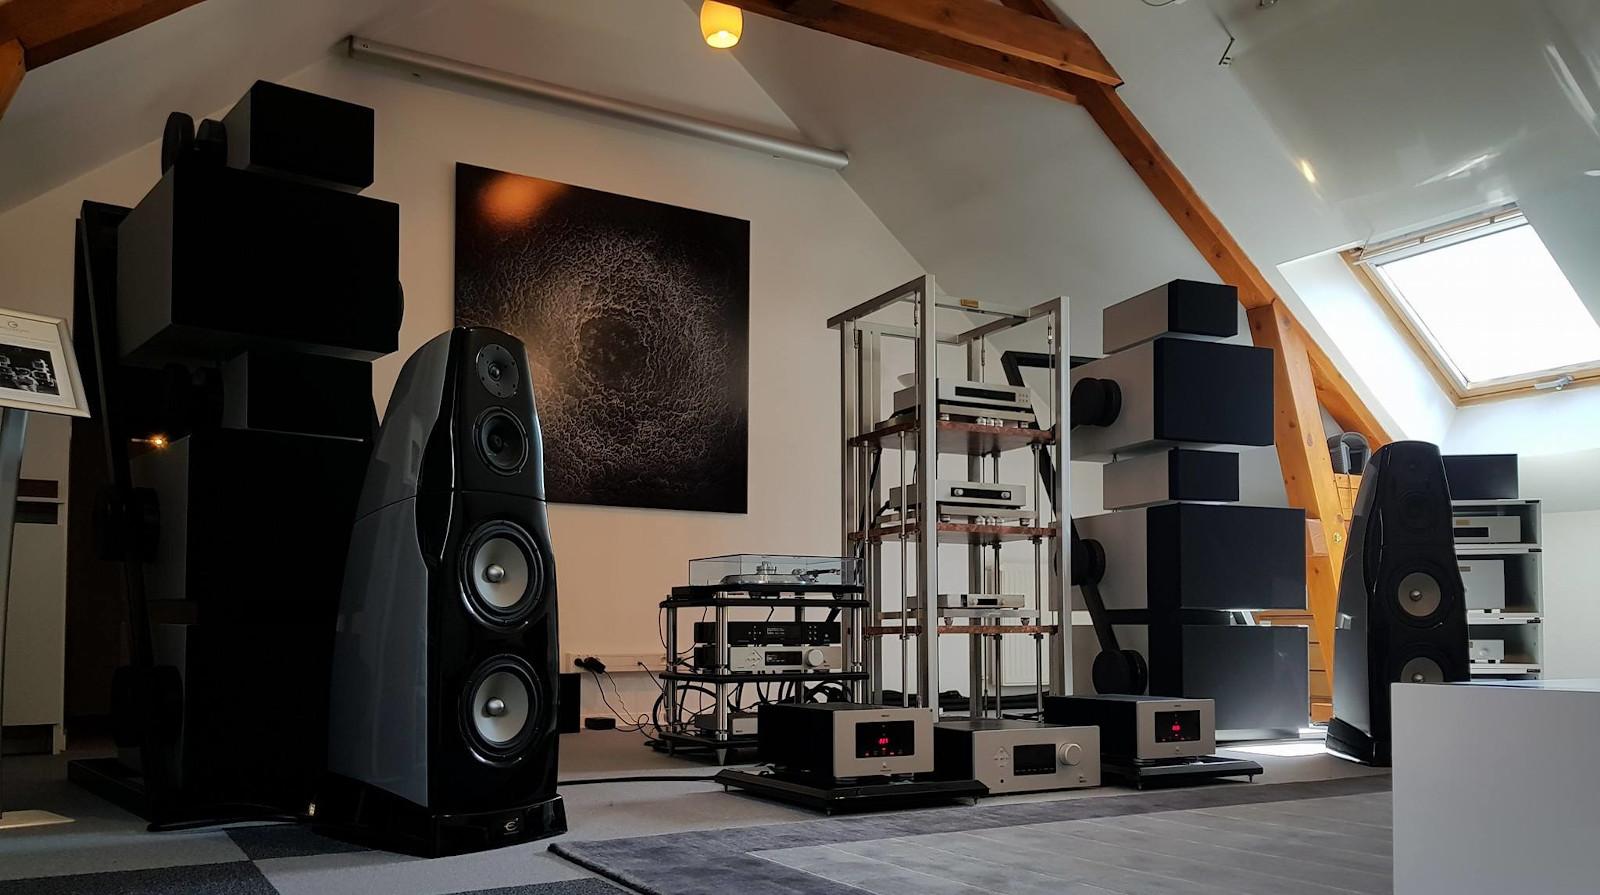 The Symbiose II avec tous les éléments musicaux